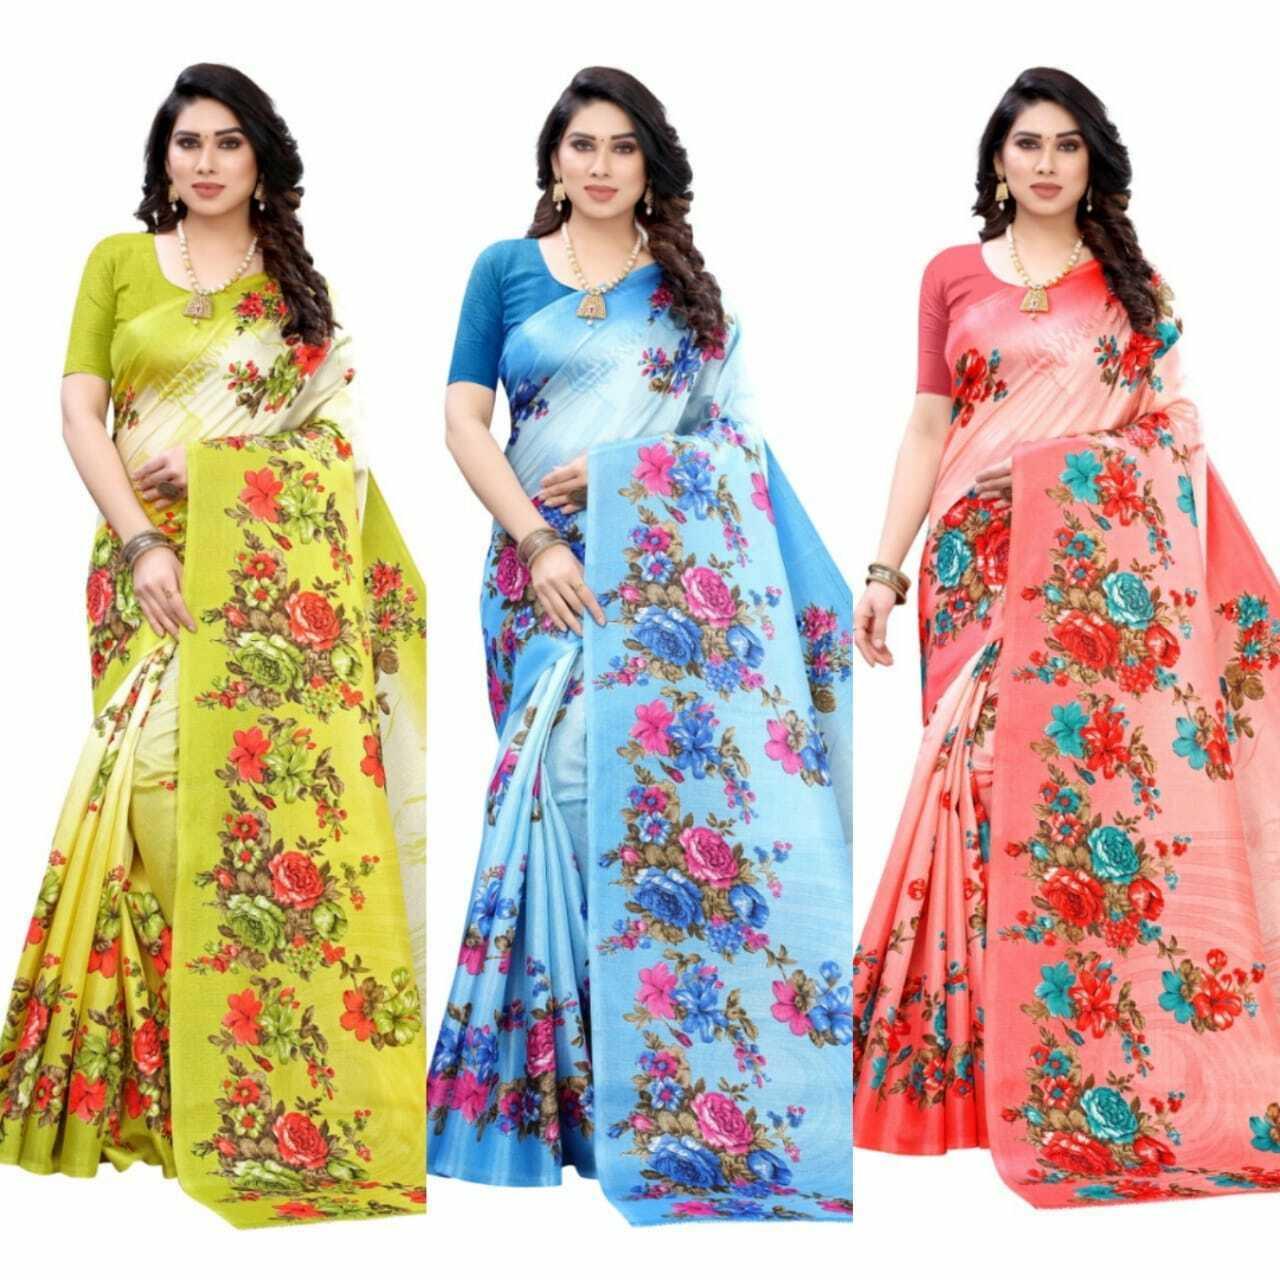 Saree Sari Indian Pakistani New Wedding Party Wear Women Bollywood Designer Sari